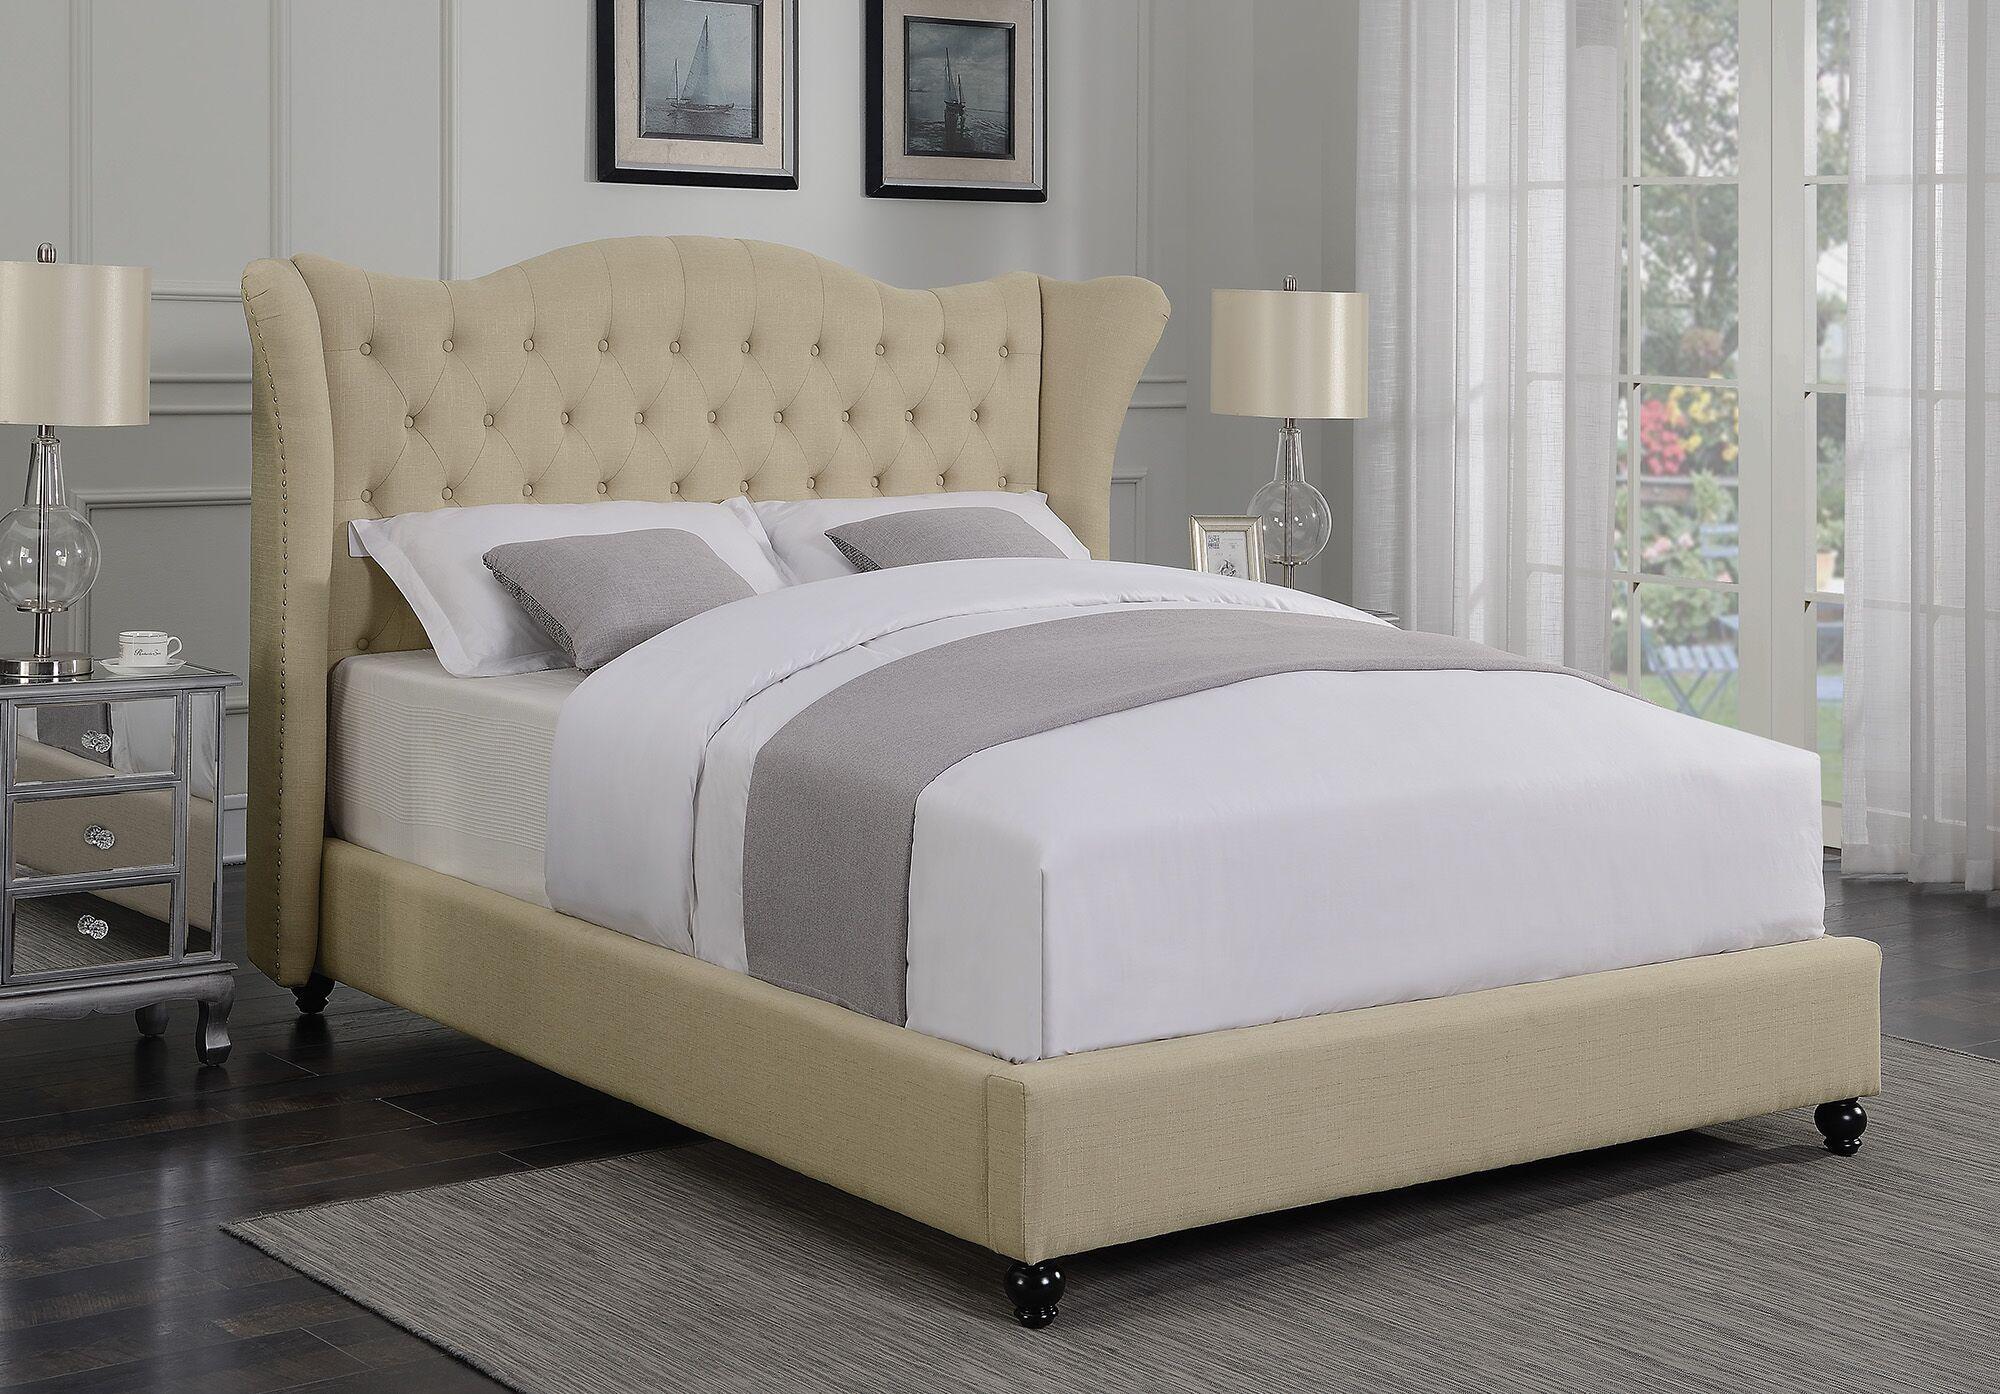 Greig Upholstered Panel Bed Size: Full, Color: Beige